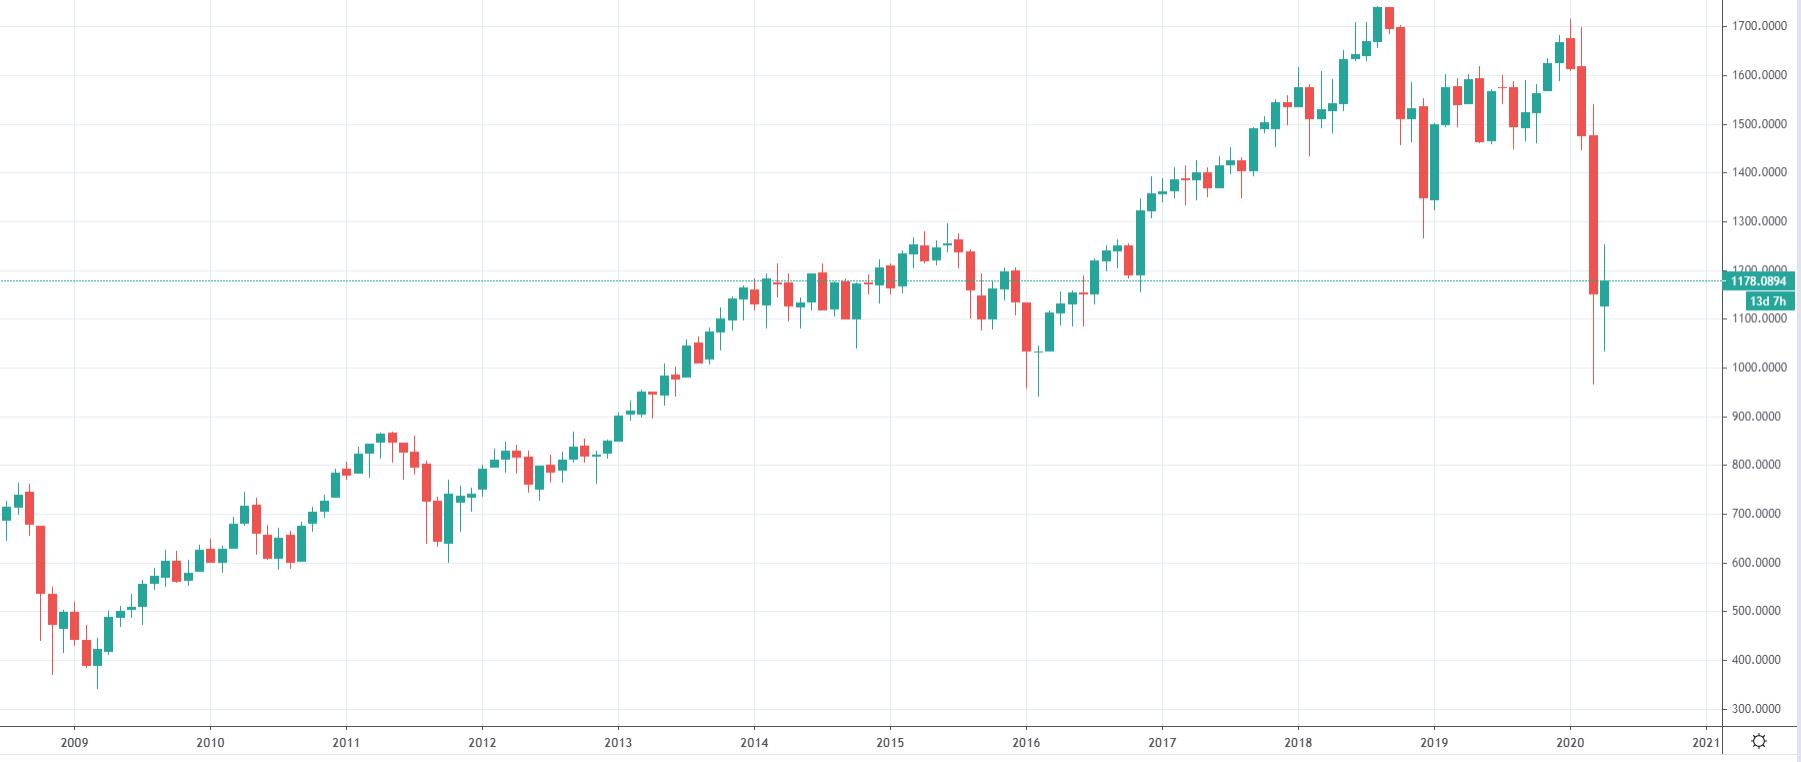 Graf indexu Russel 2000